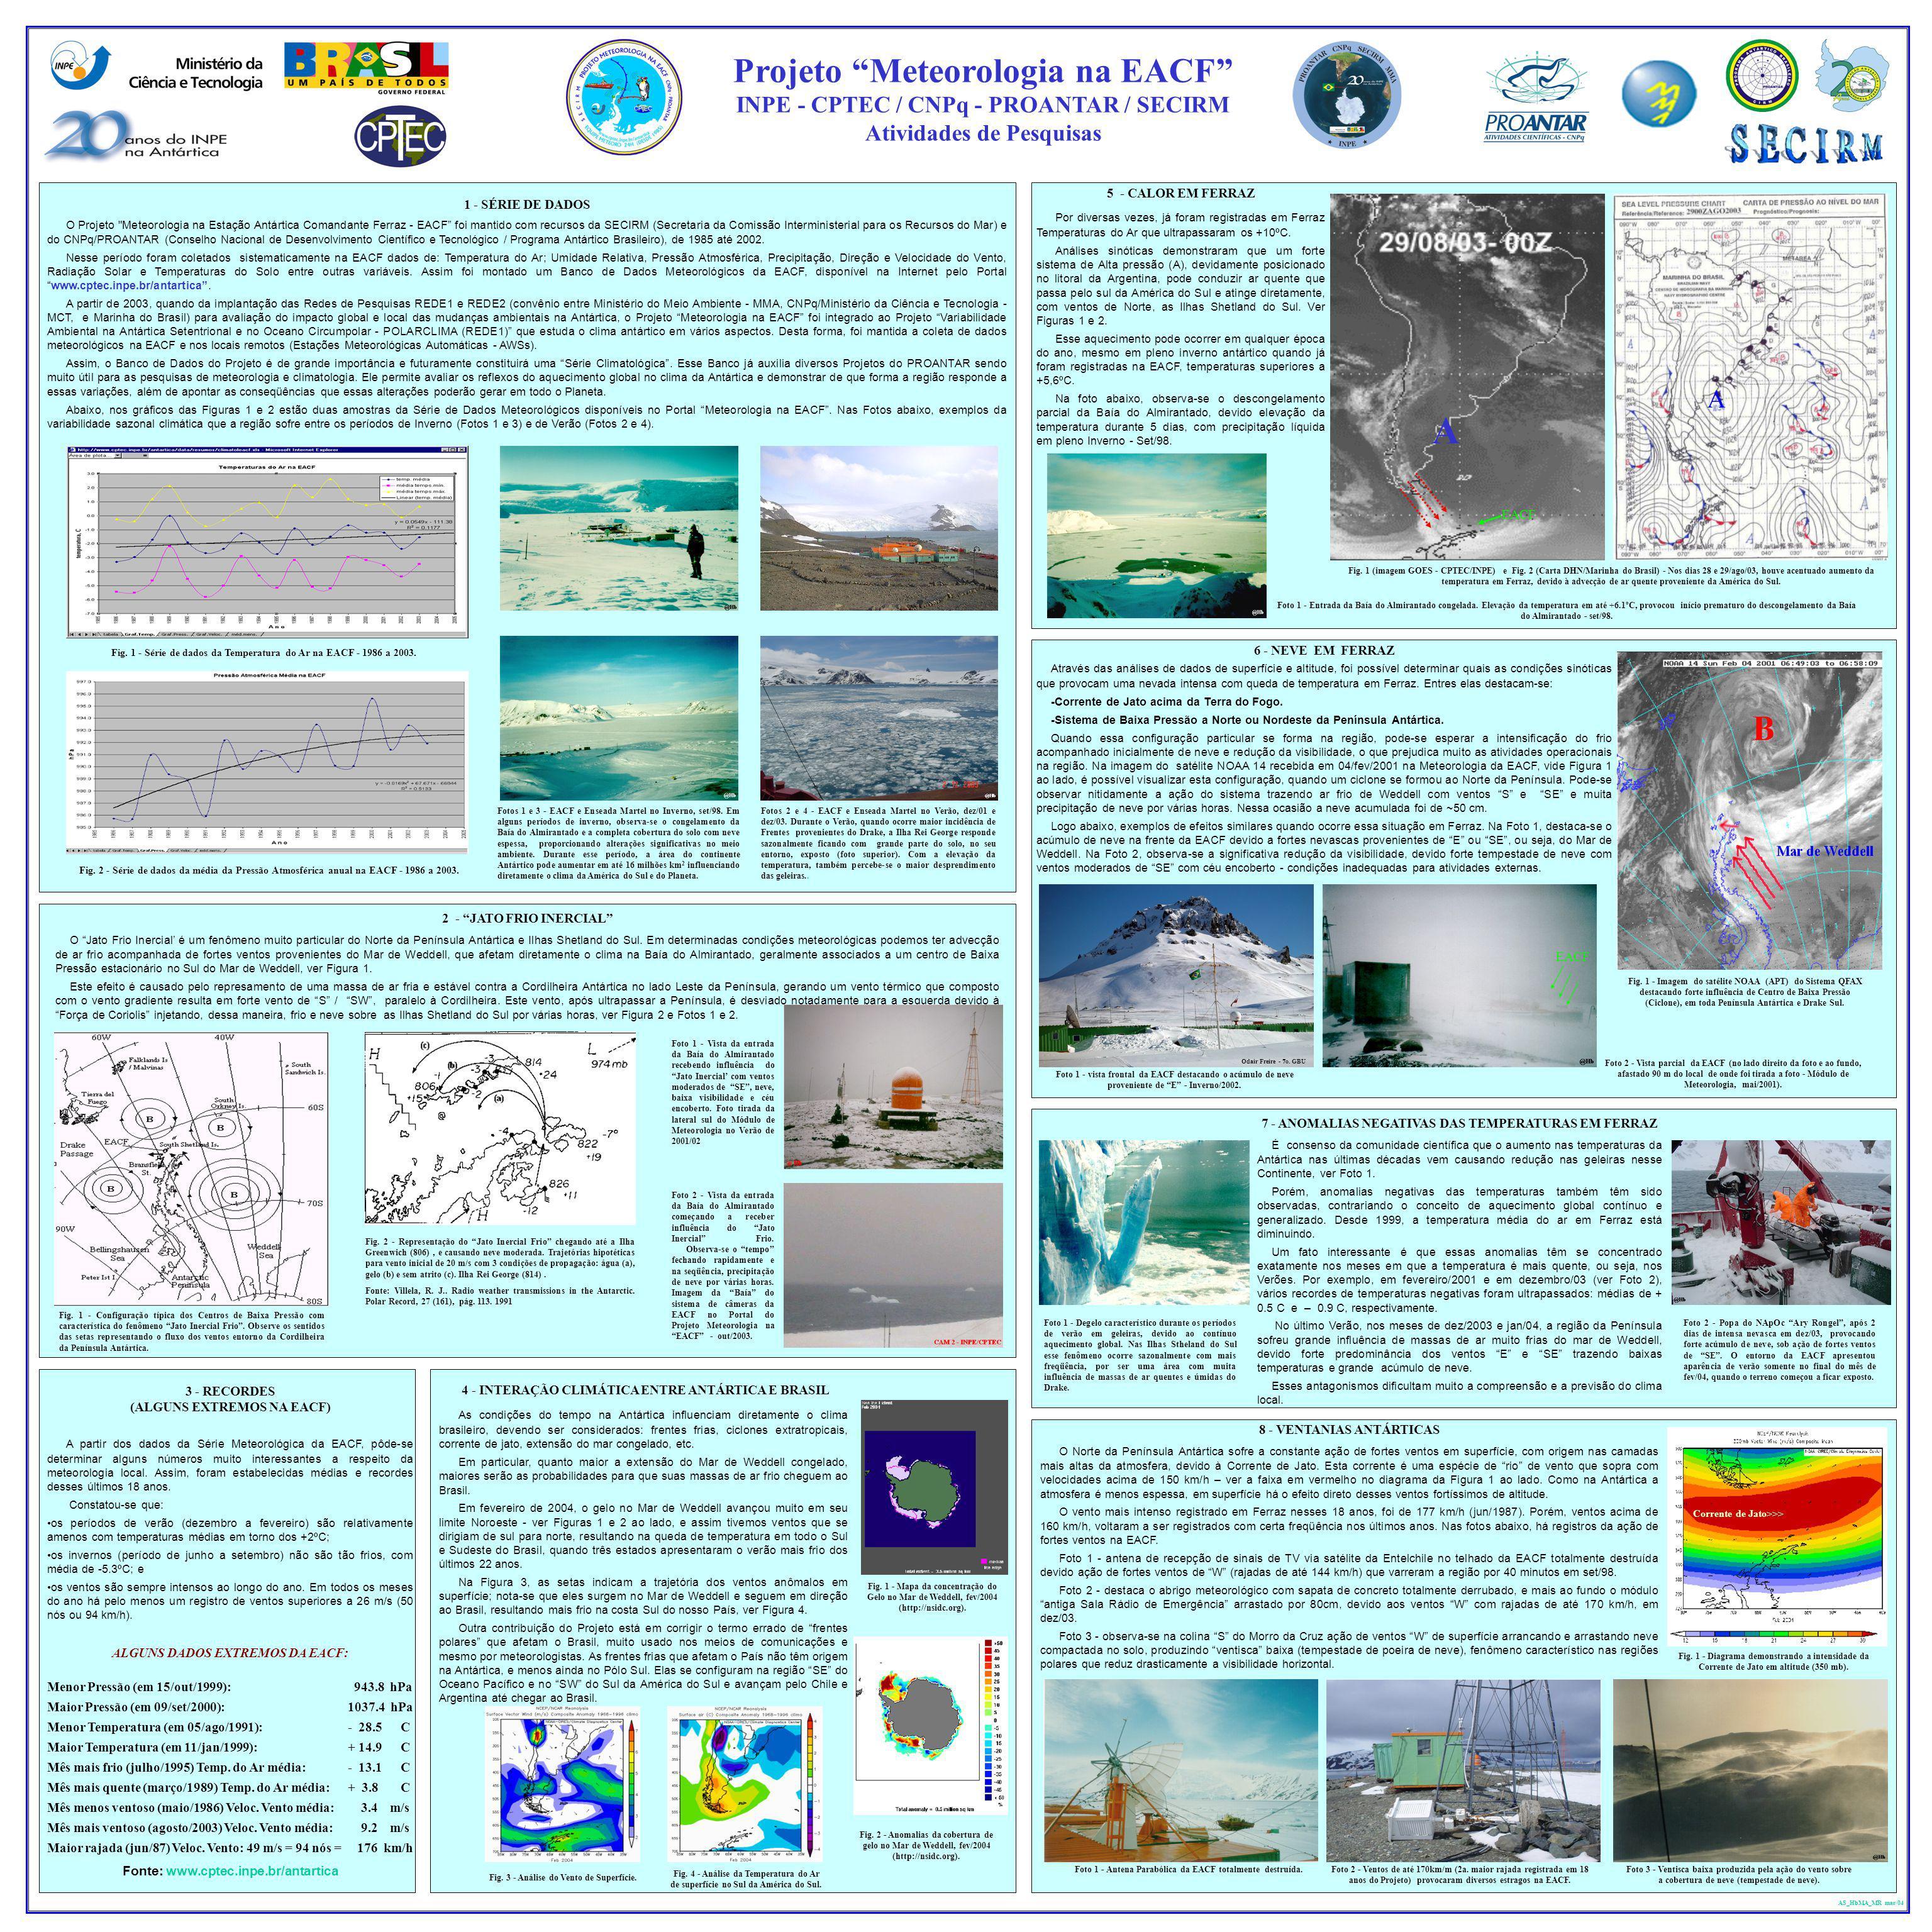 Projeto Meteorologia na EACF INPE - CPTEC / CNPq - PROANTAR / SECIRM Atividades de Pesquisas